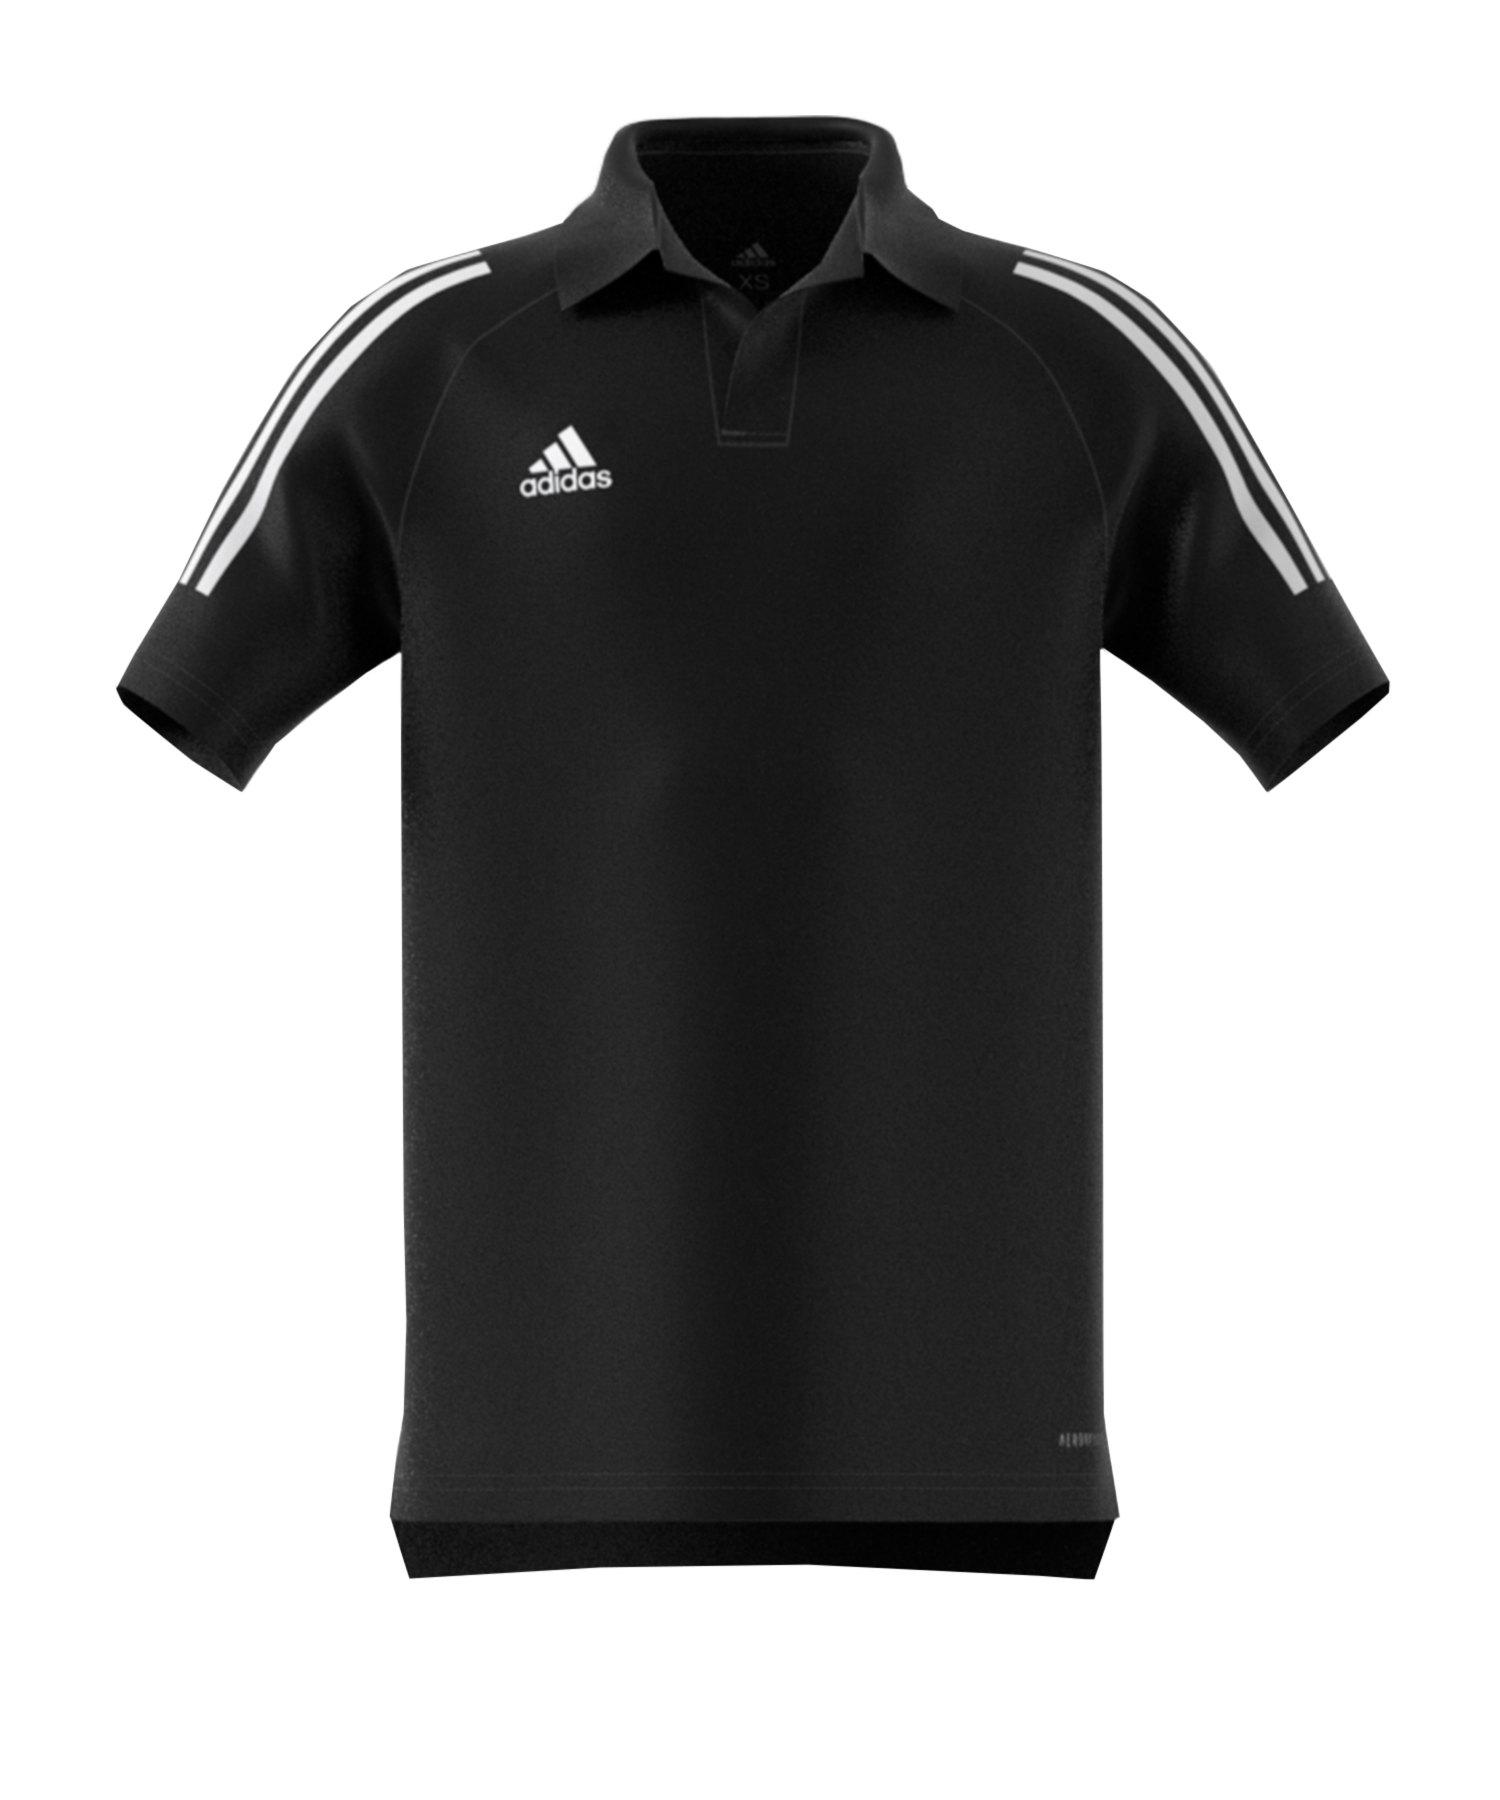 adidas Condivo 20 Poloshirt Kids Schwarz Weiss - schwarz